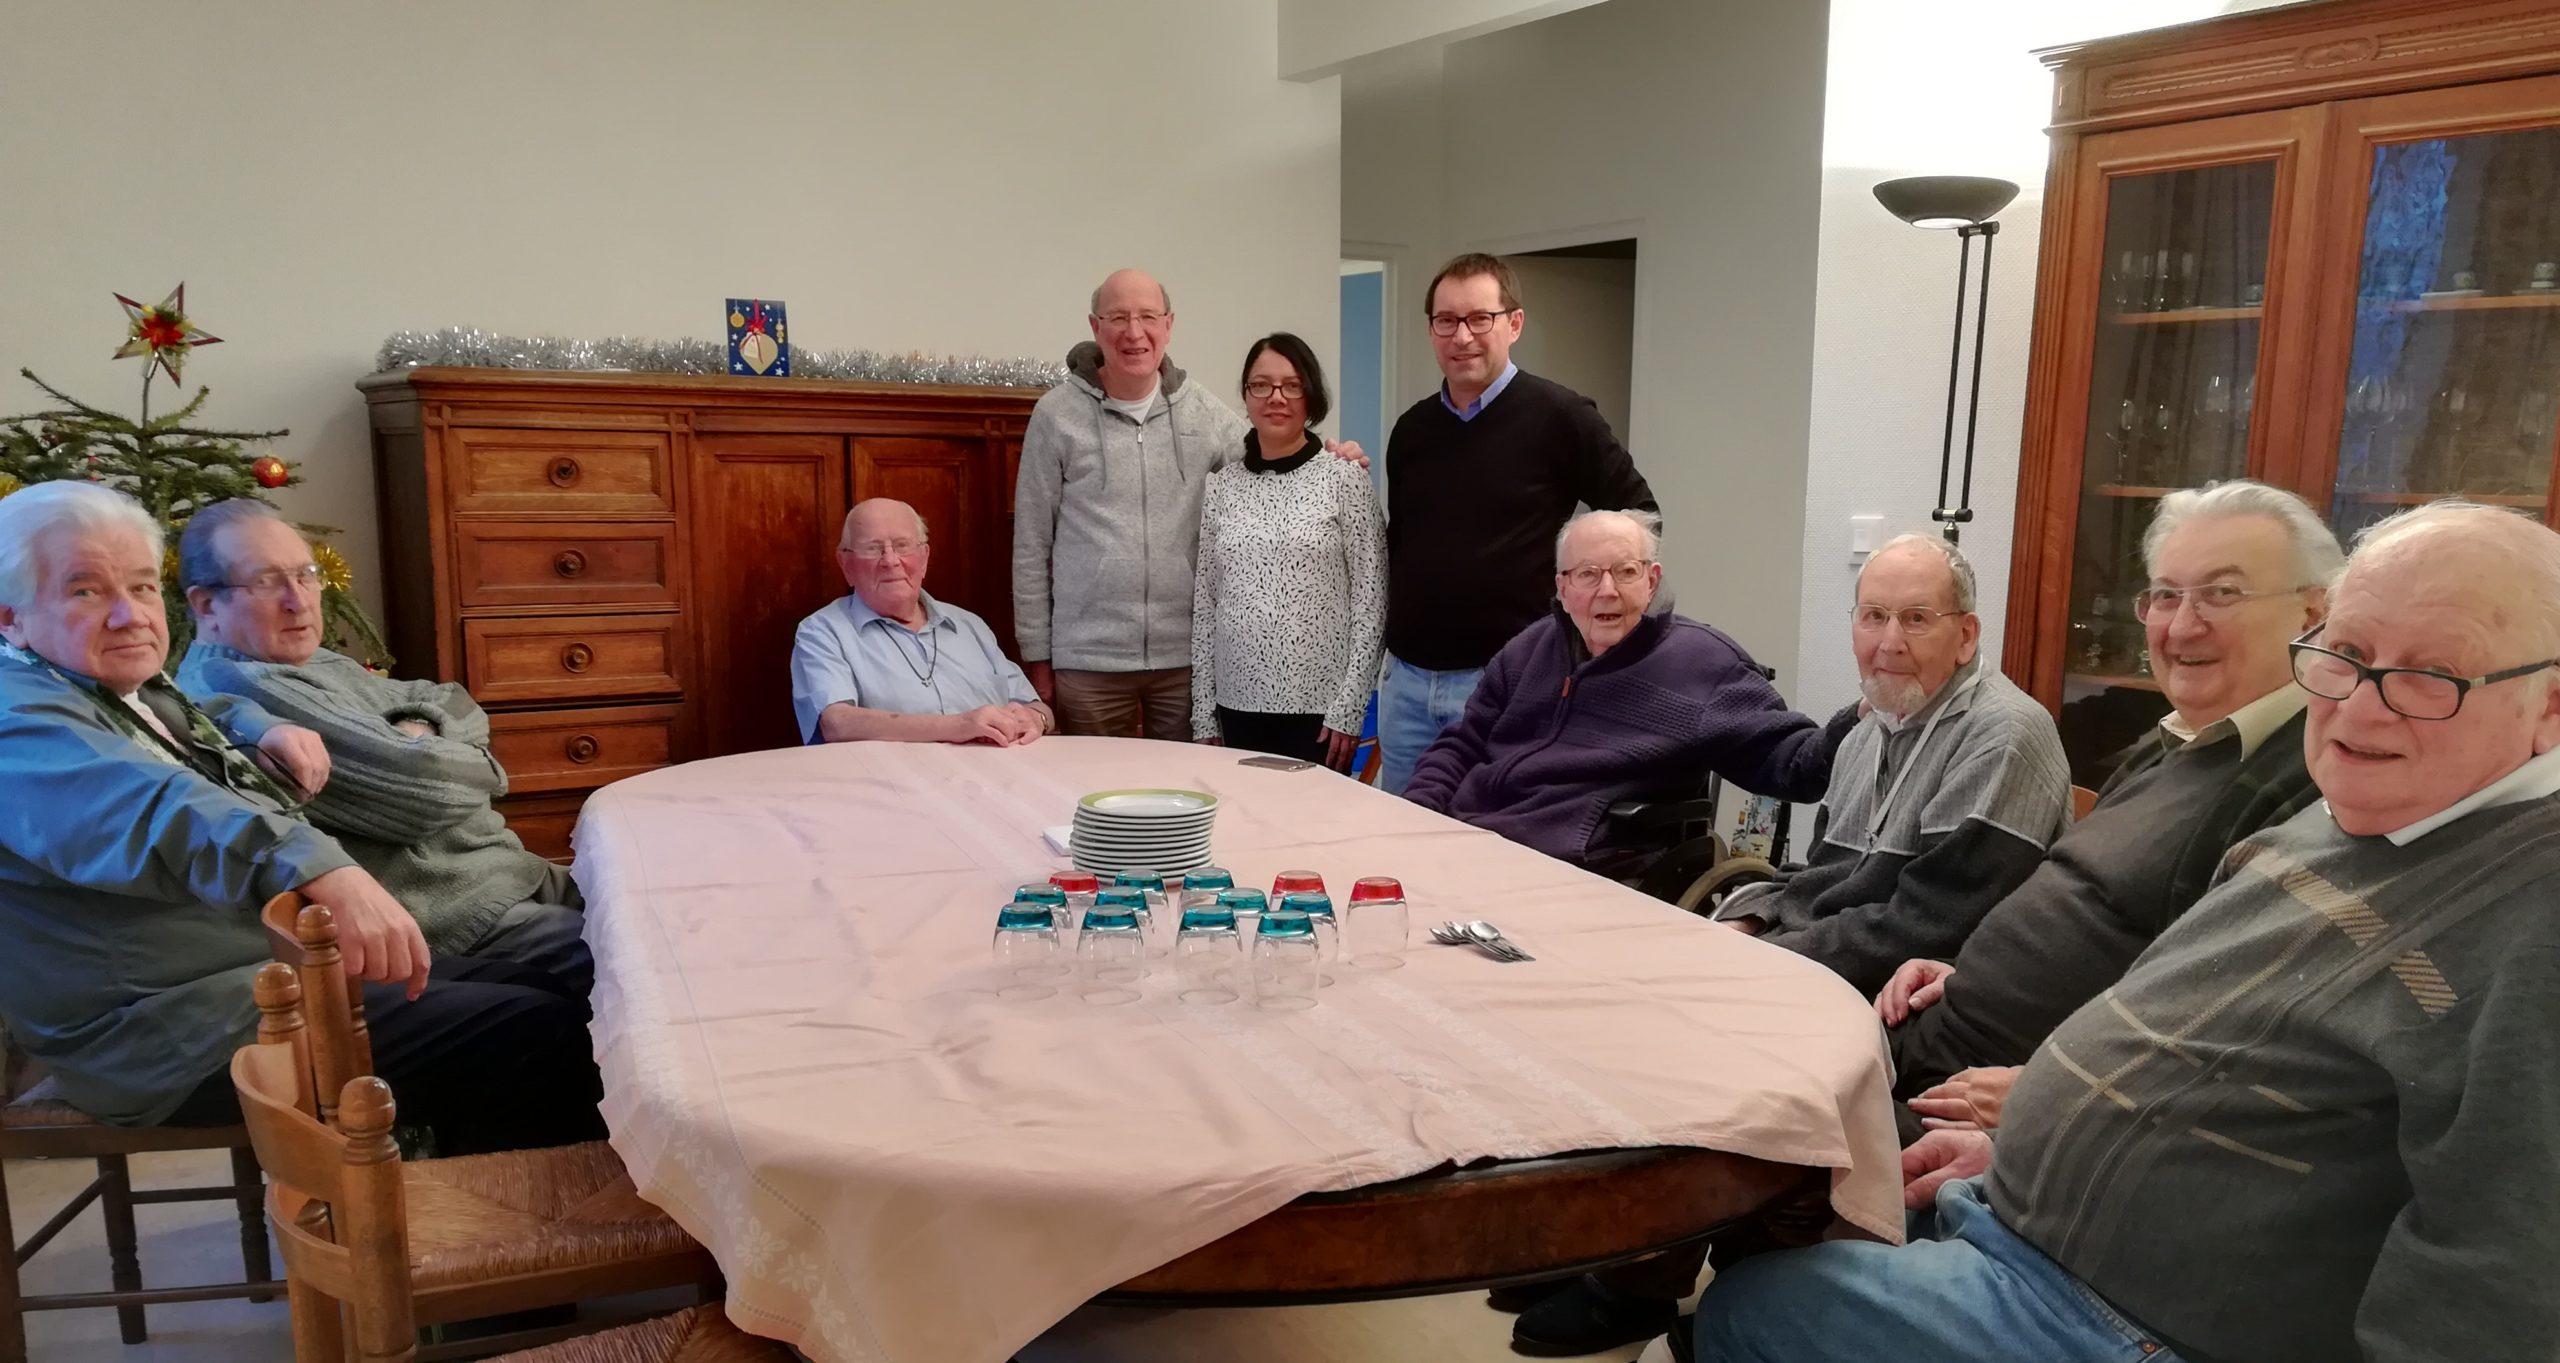 La communauté Saint-Joseph visite le nouveau généralat janvier 2018 © Florence Krasowski